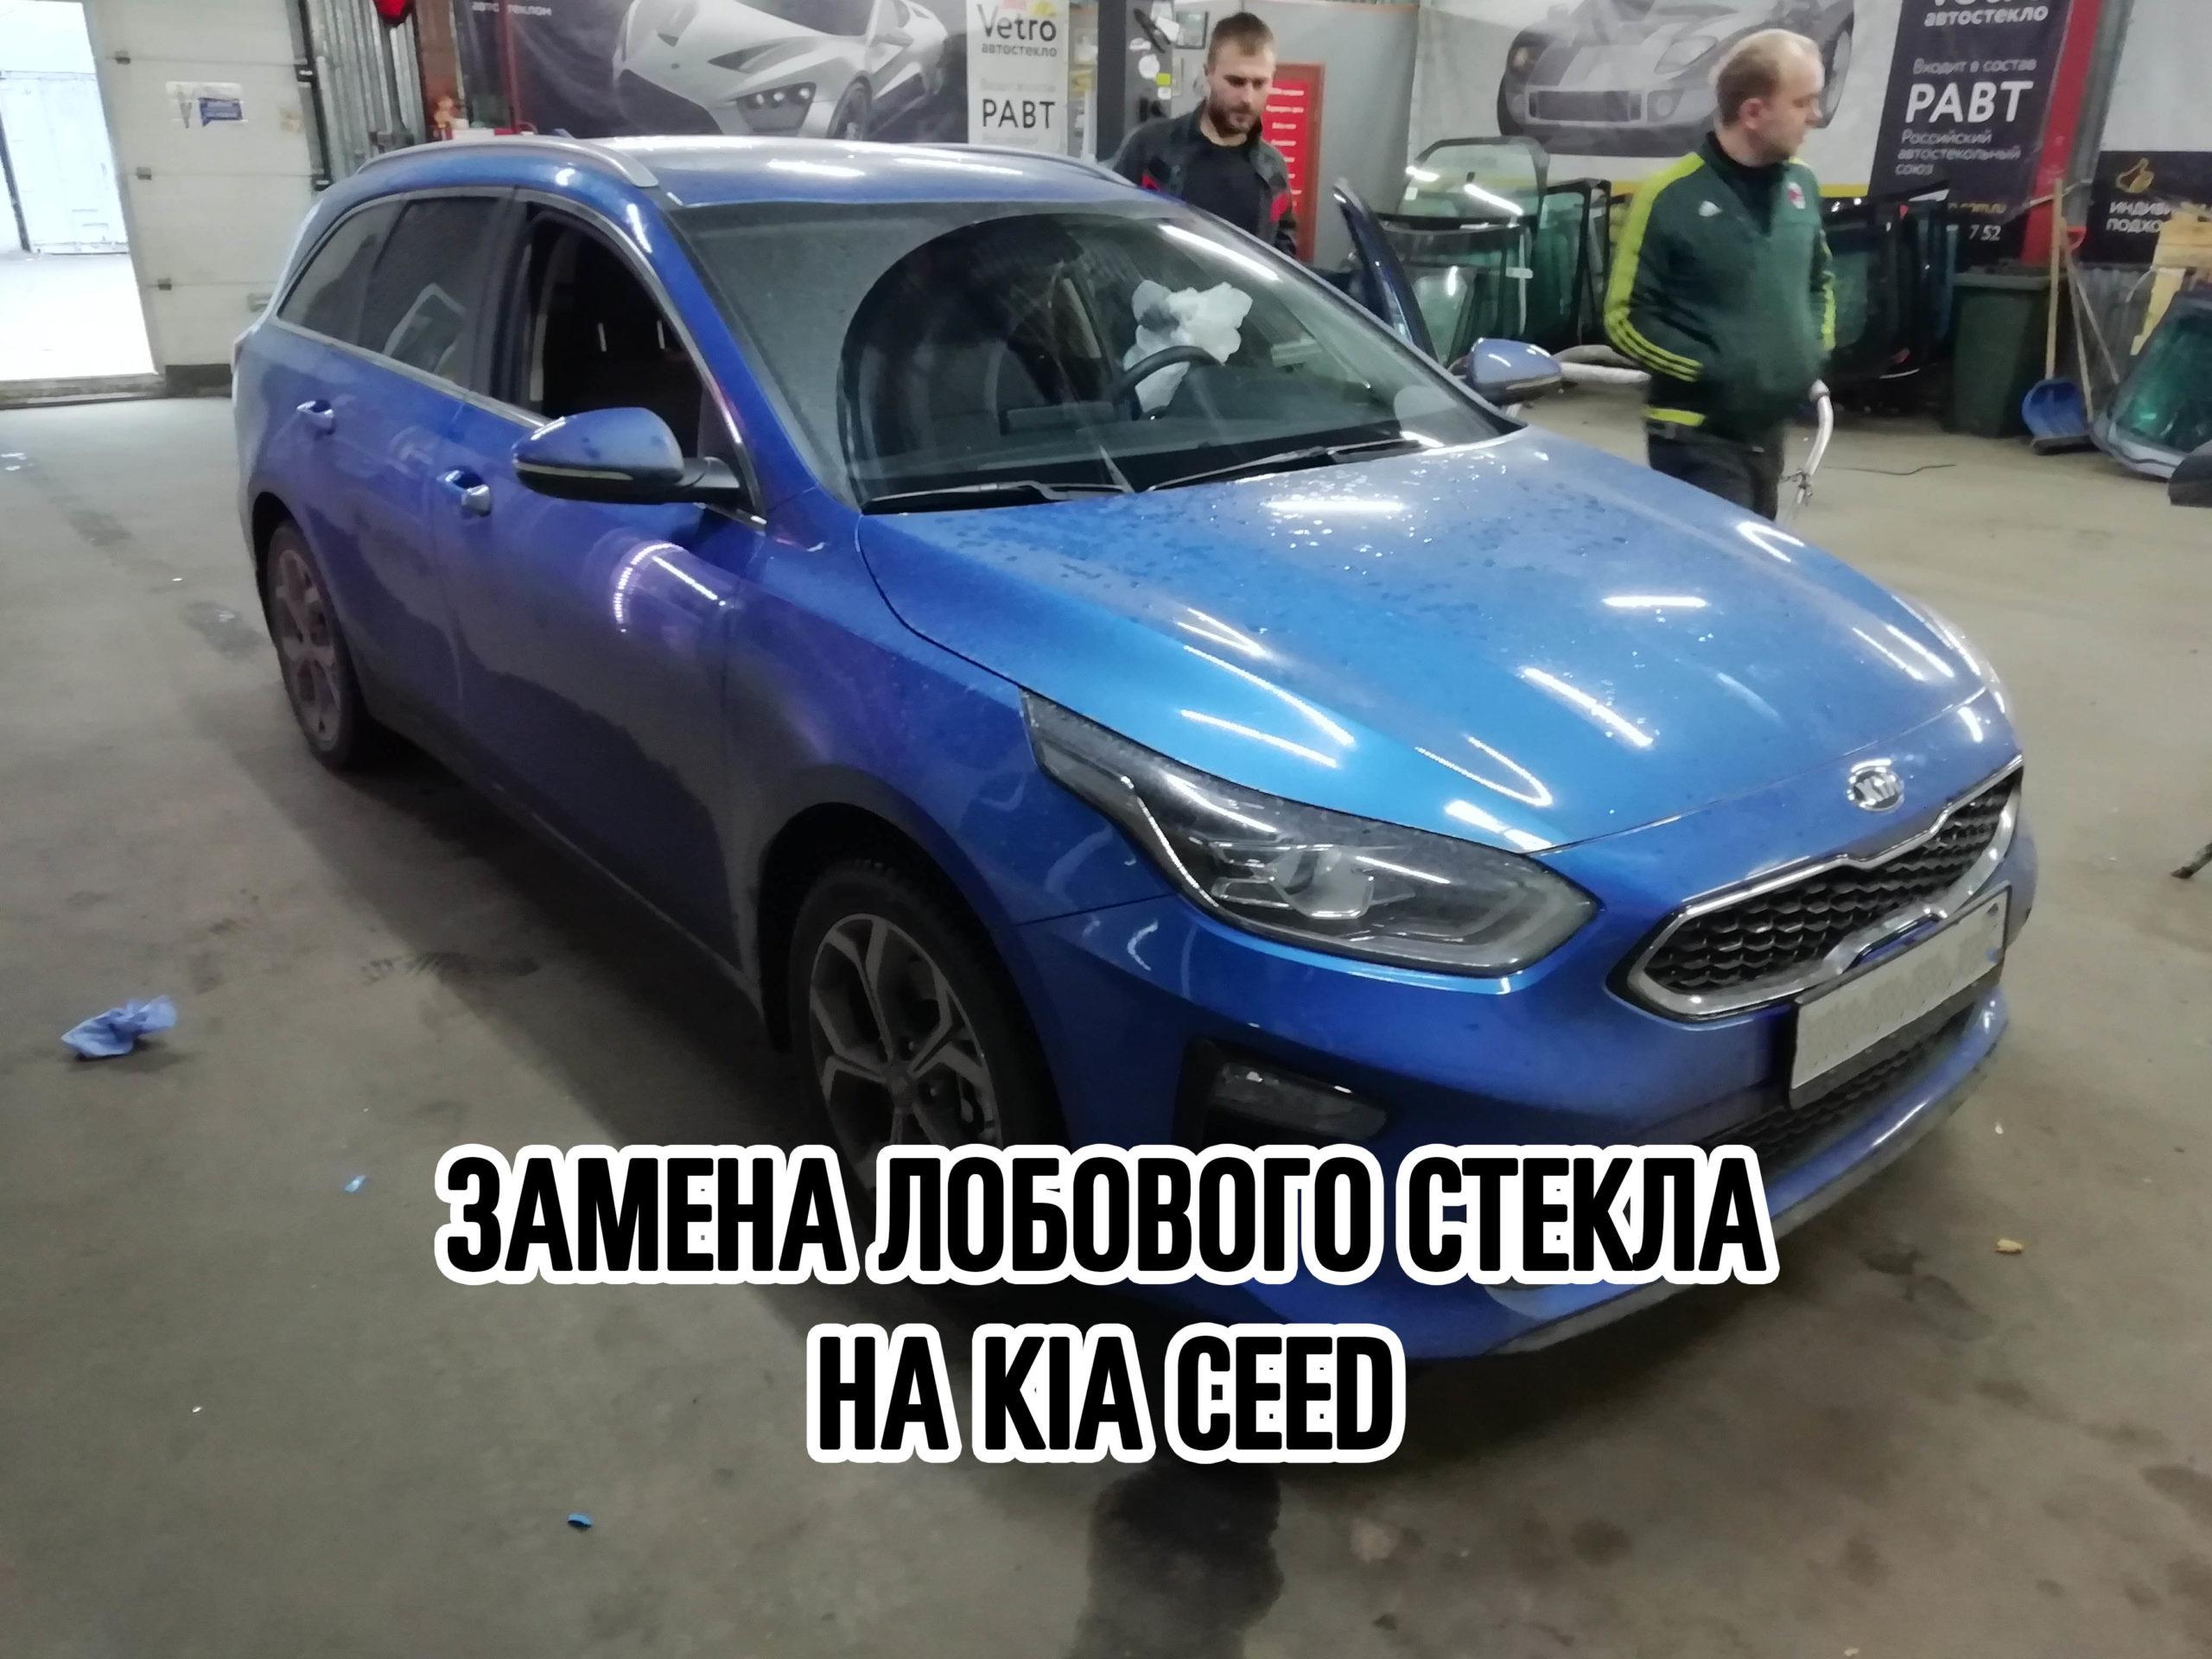 Лобовое стекло на KIA Ceed купить и установить в Москве